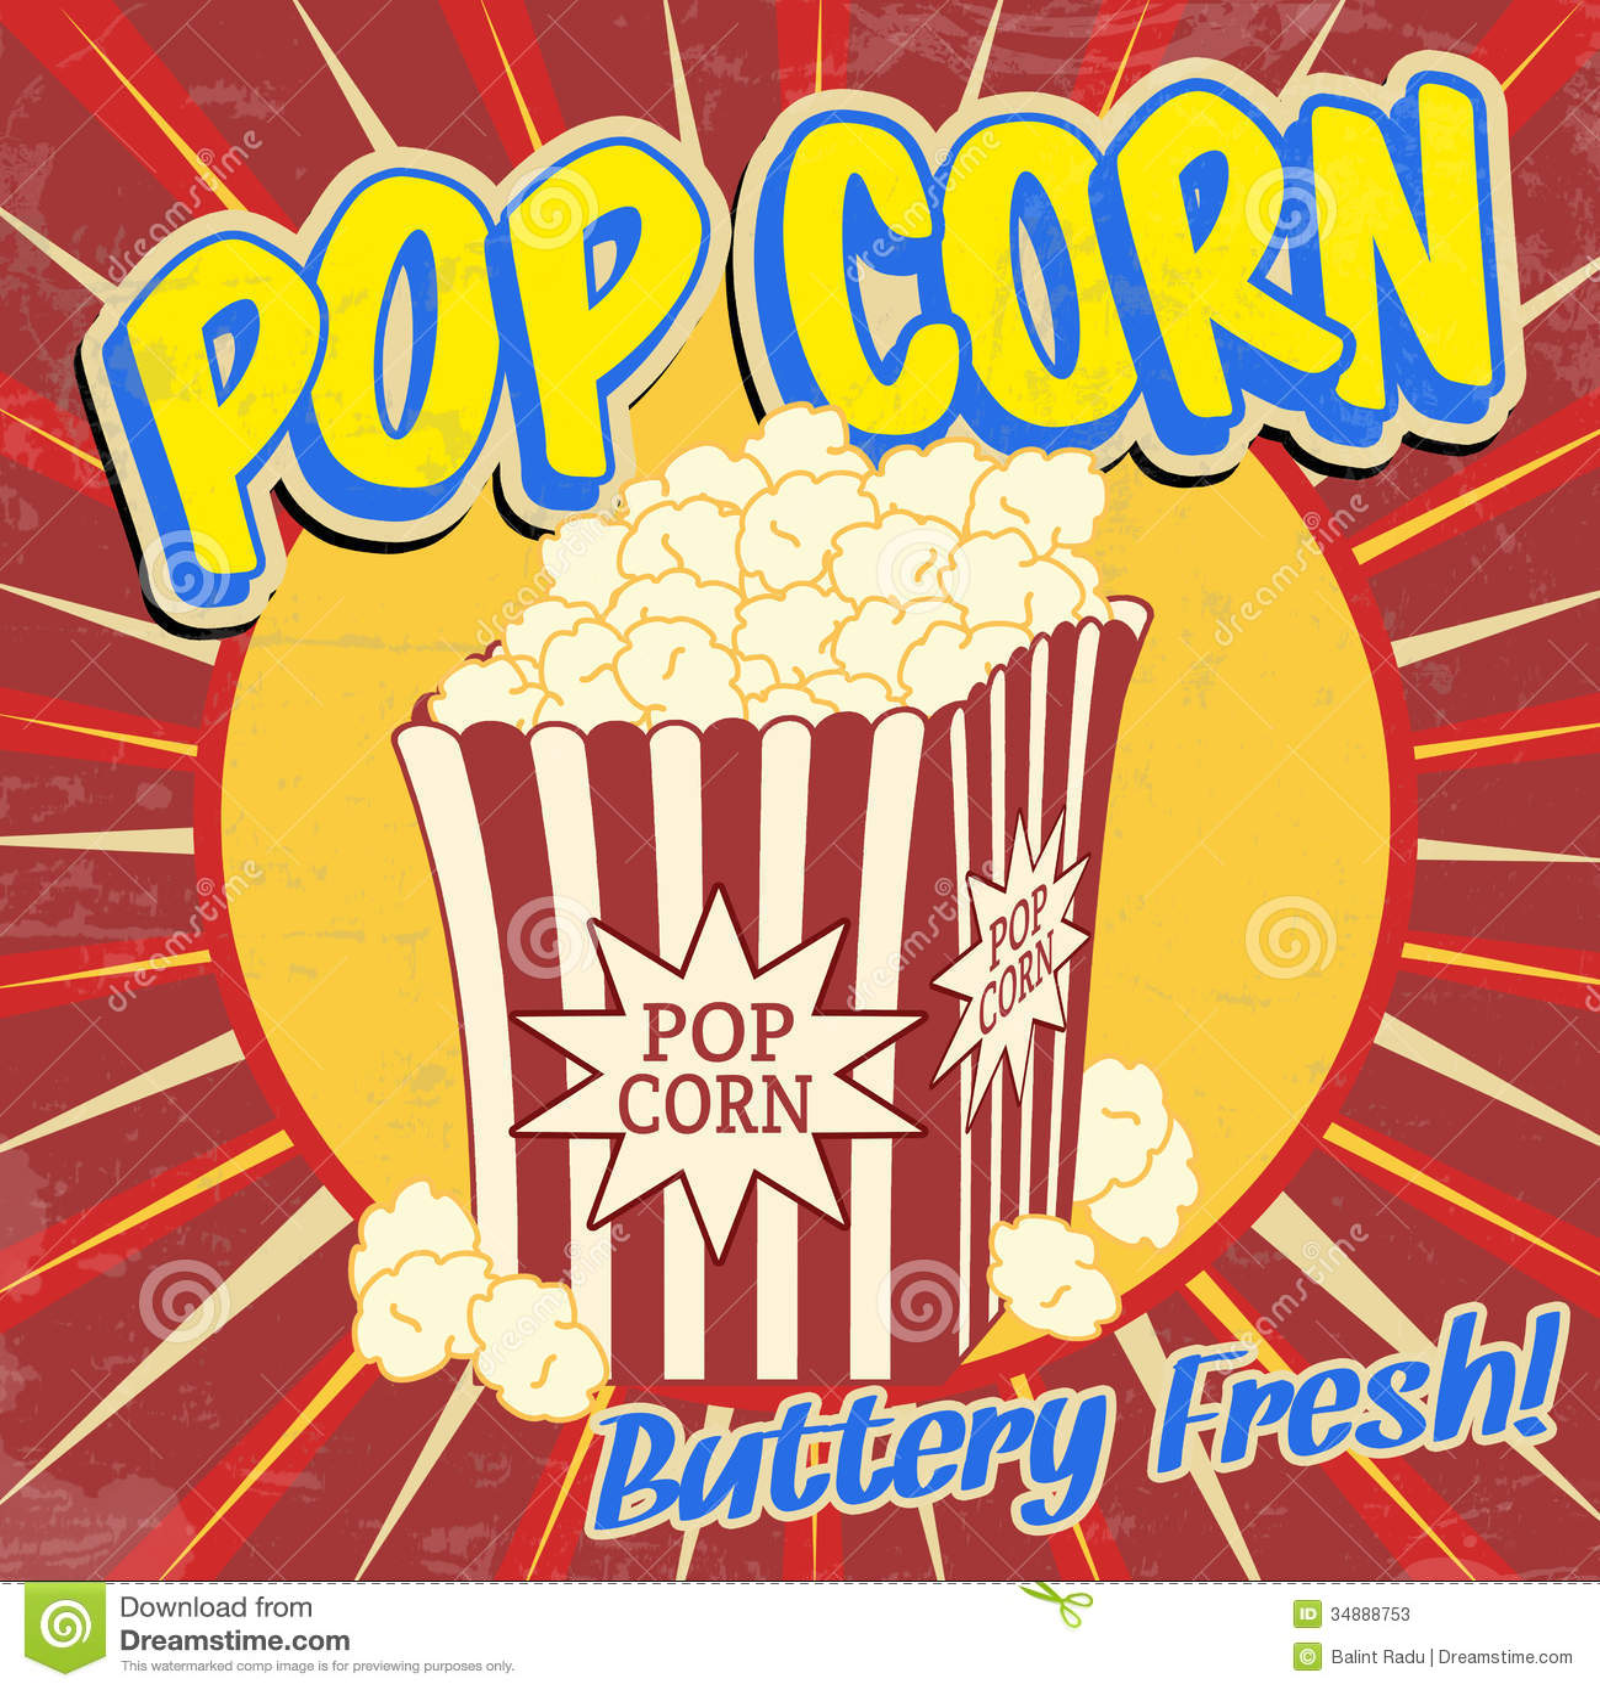 pop corn vintage poster stock vector illustration of corn. Black Bedroom Furniture Sets. Home Design Ideas